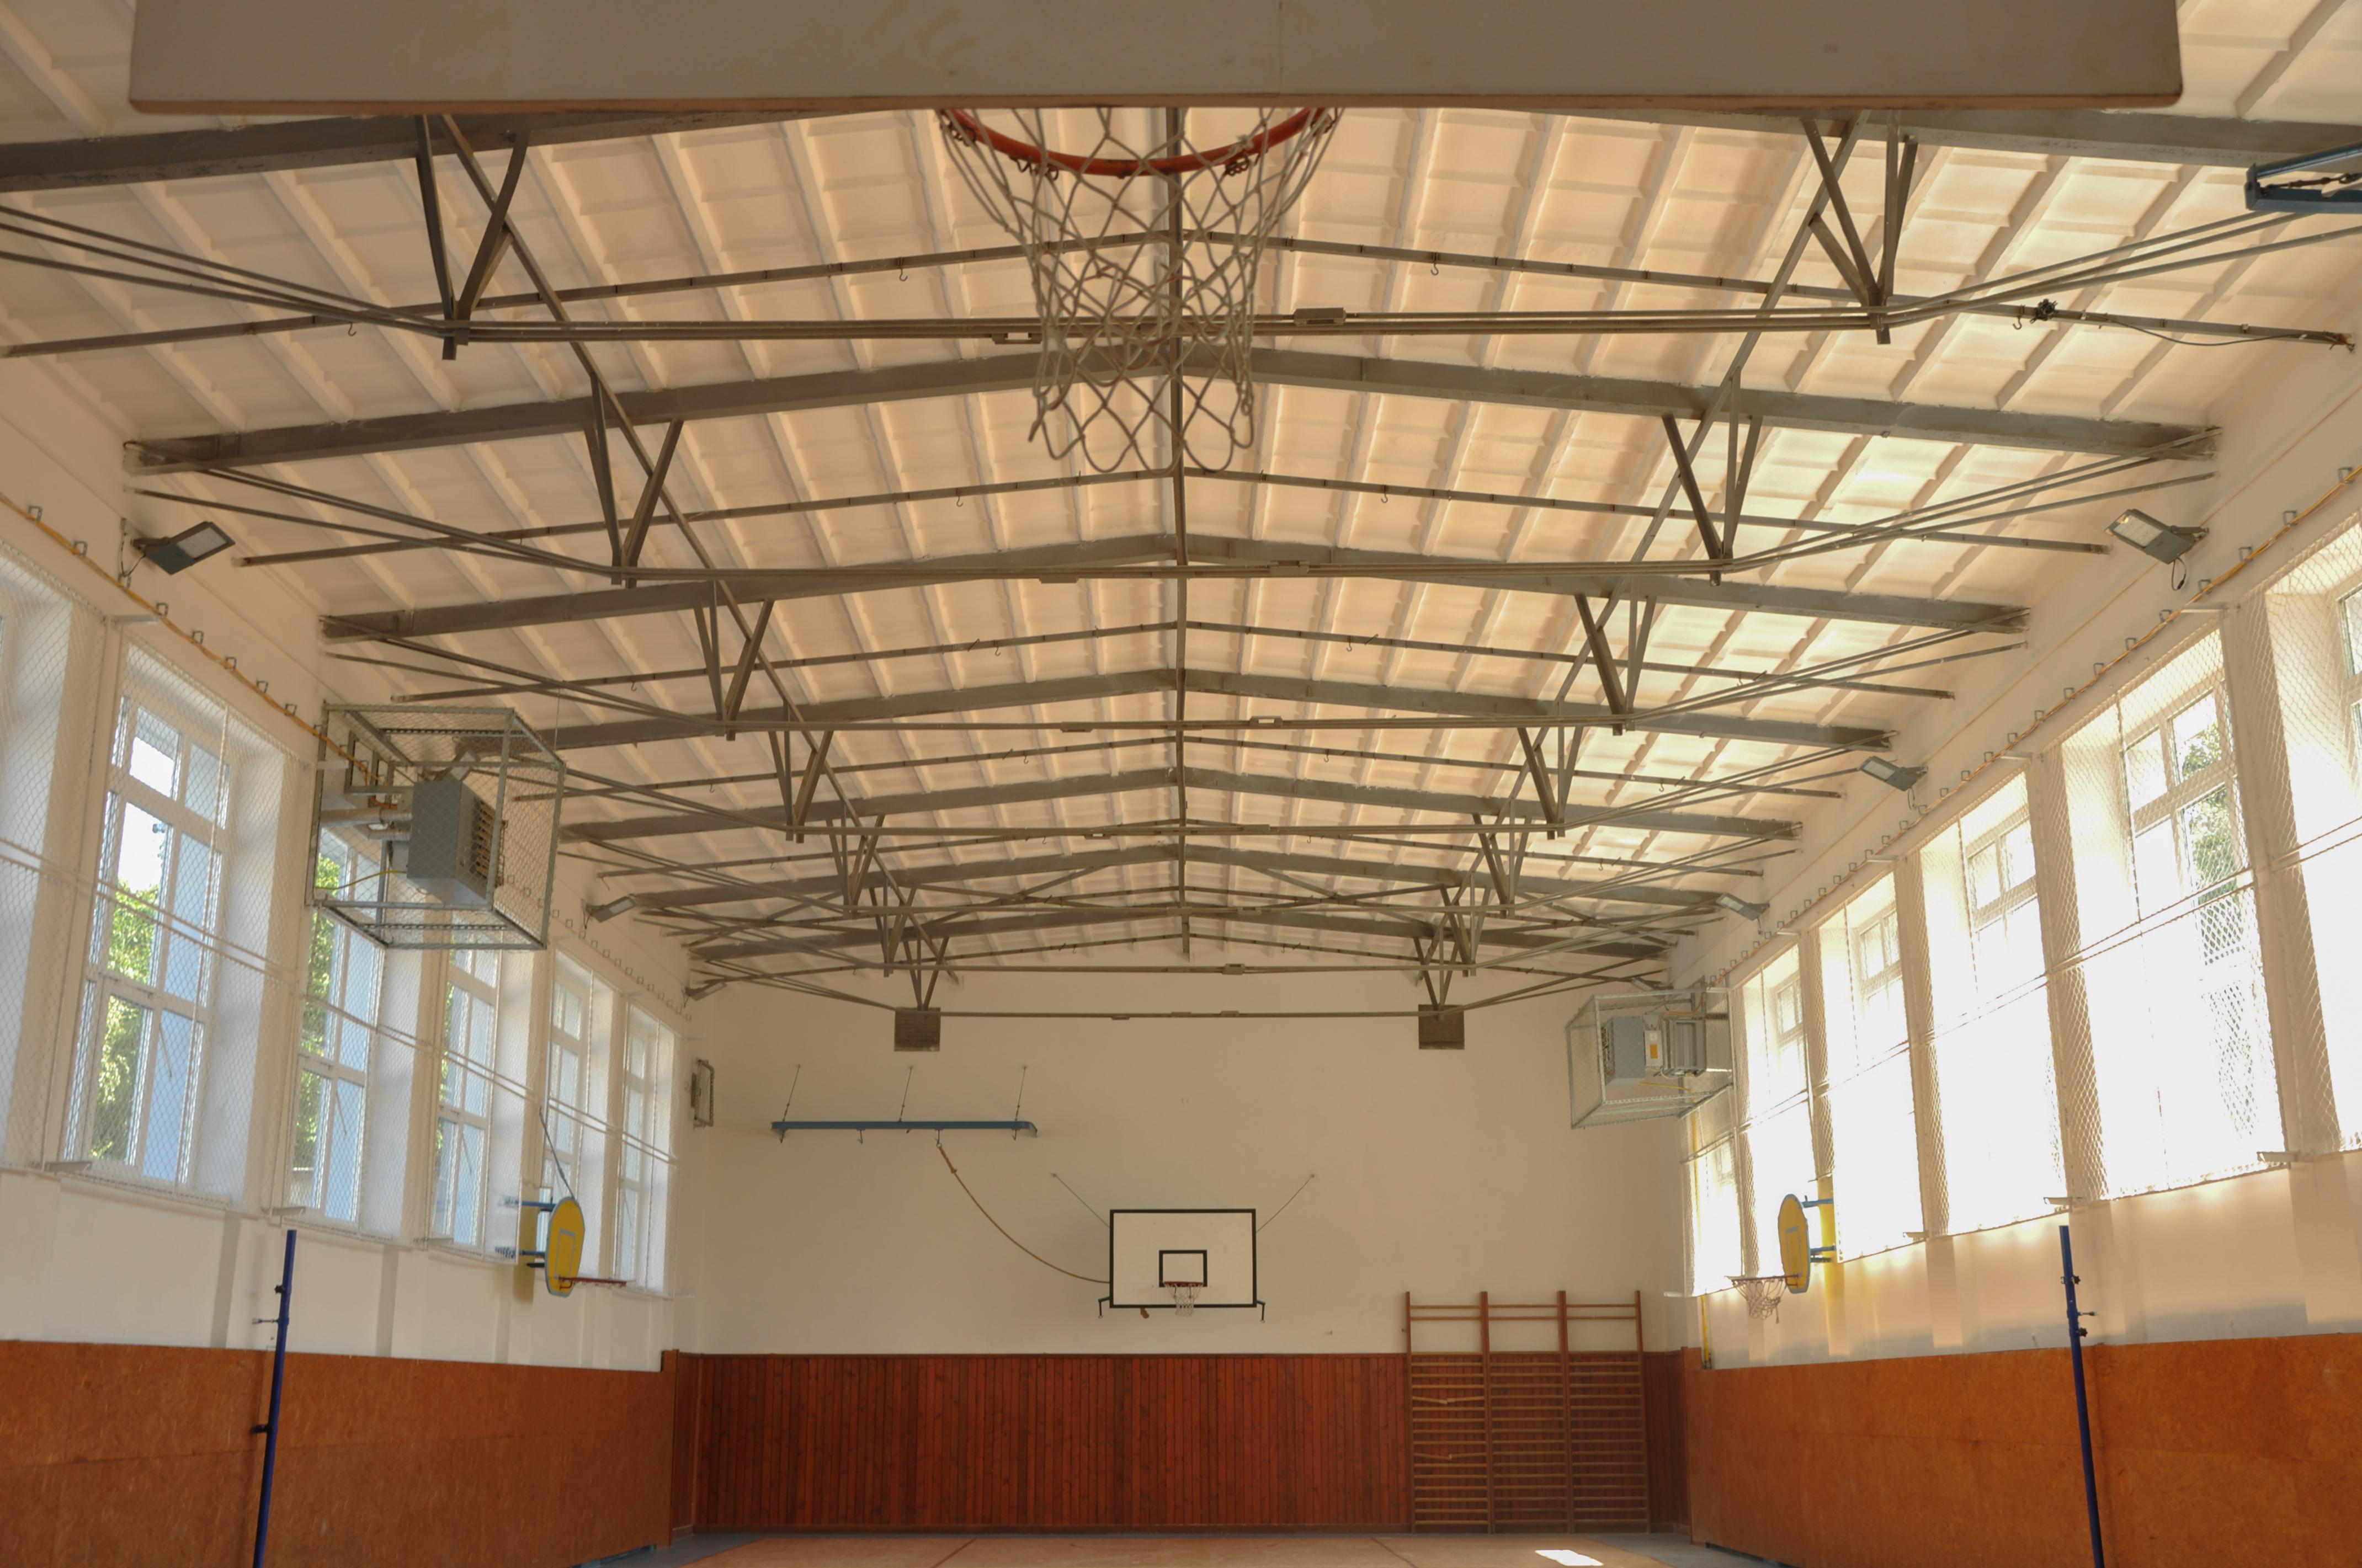 Stredná odborná škola stavebná, Nábrežie mládeže 1, Nitra